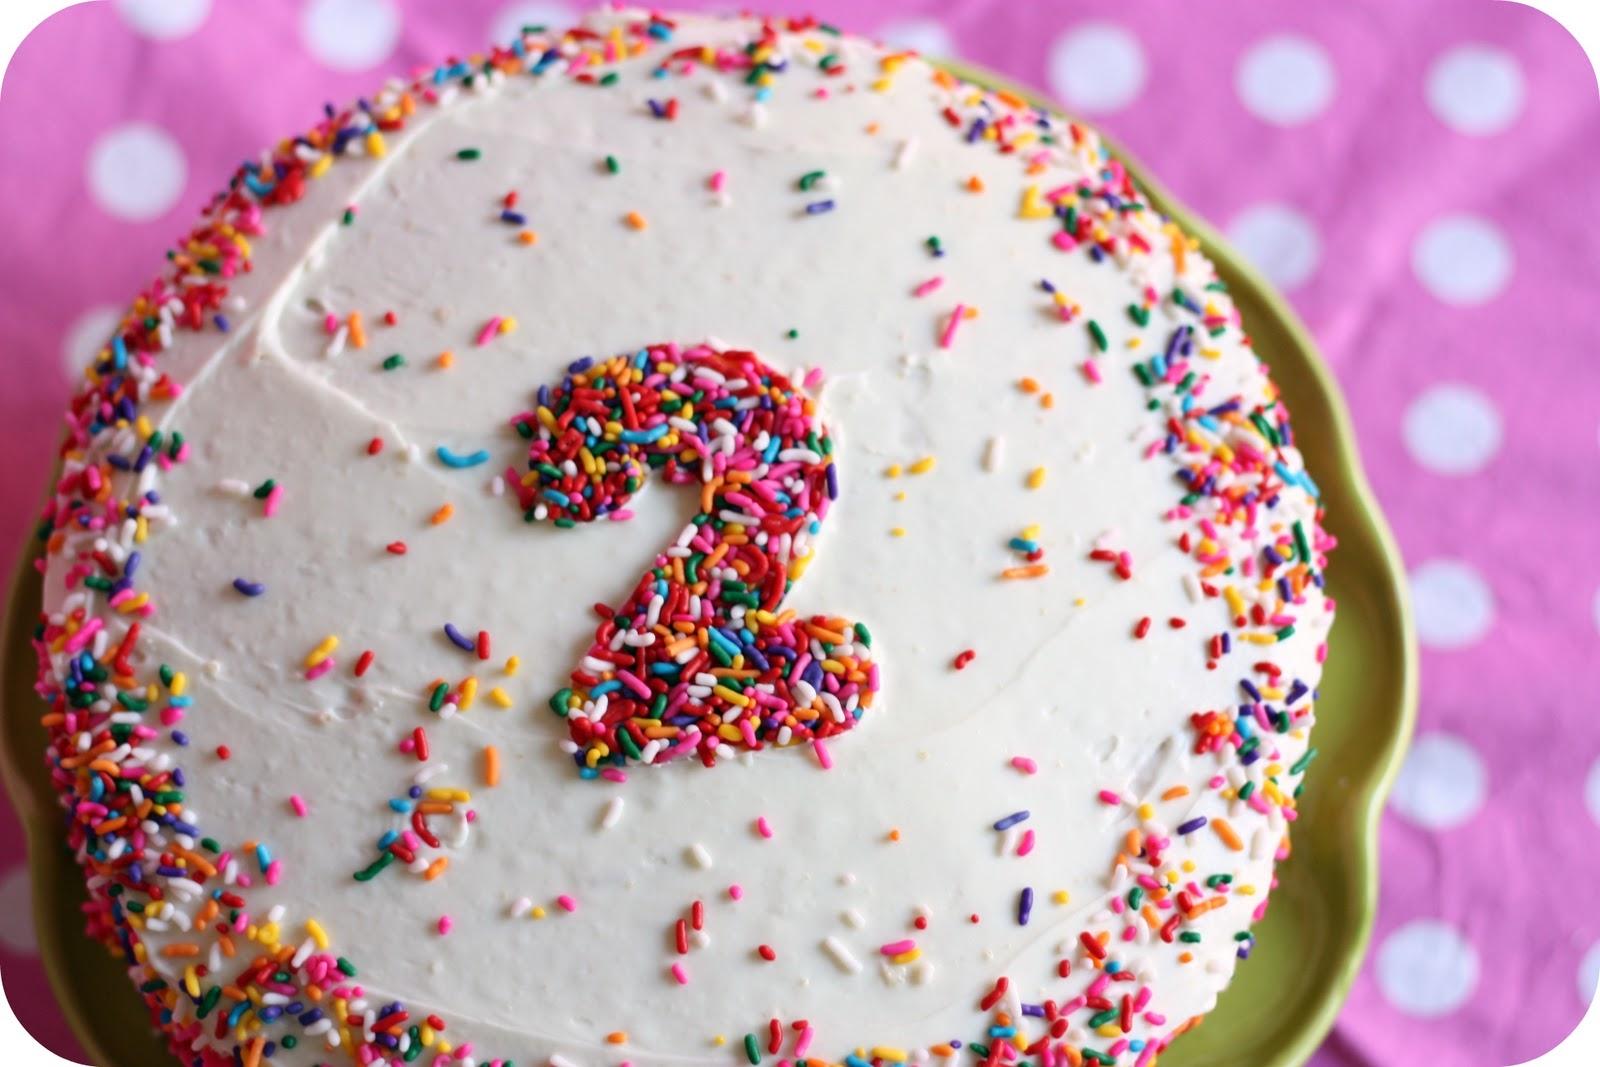 Que legal a ideia de colocar o numeral da ideia no bolo!